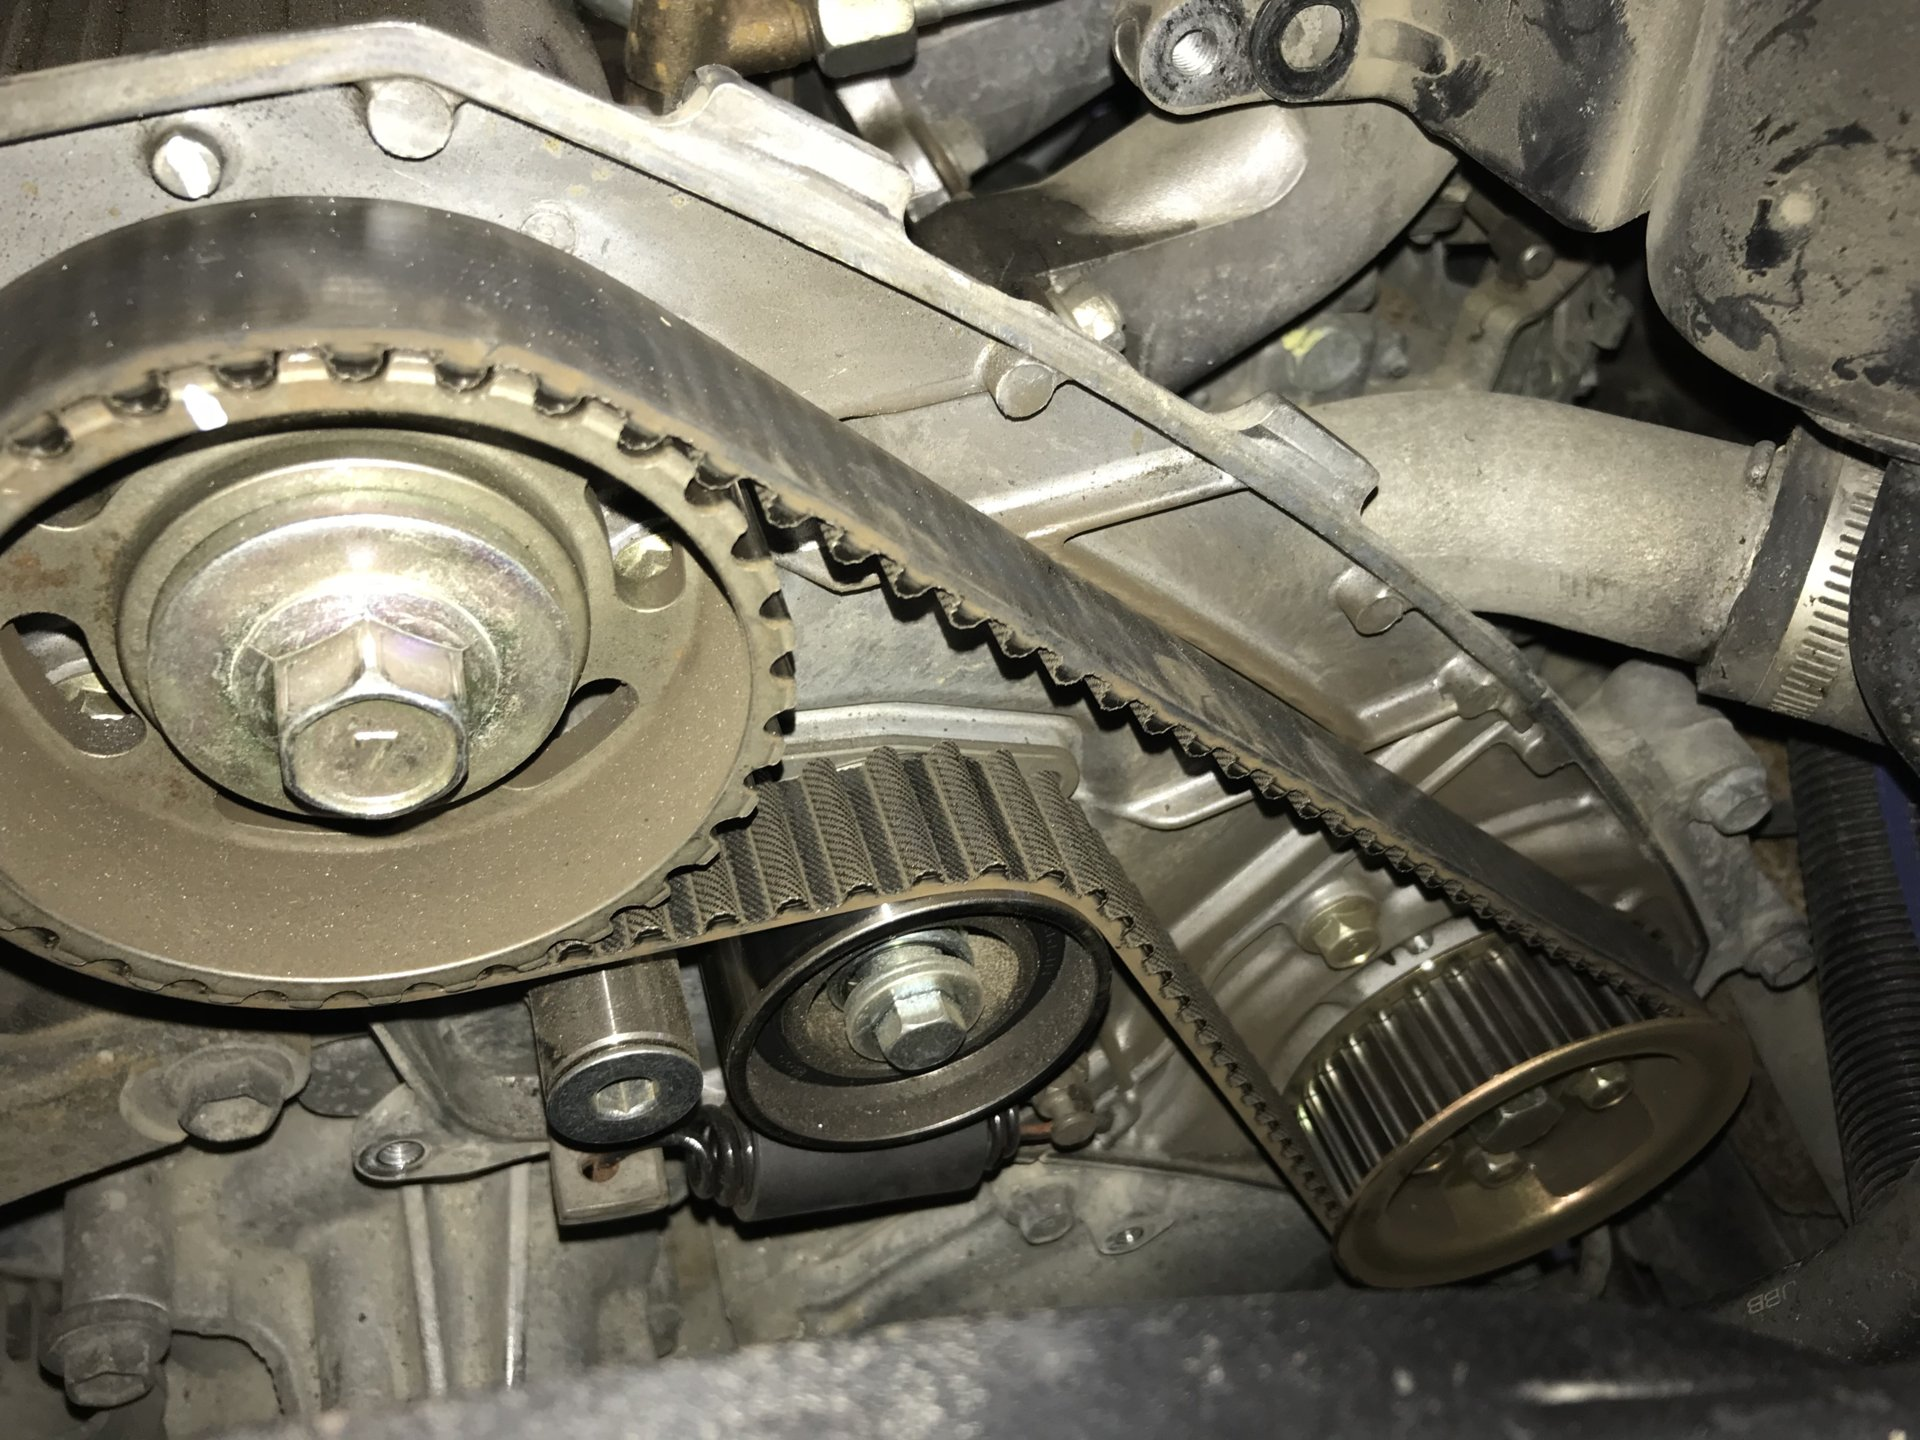 1hd T Engine Timing Diagram Wiring Third Level Chevy 1hdt Belt Change Ih8mud Forum Spark